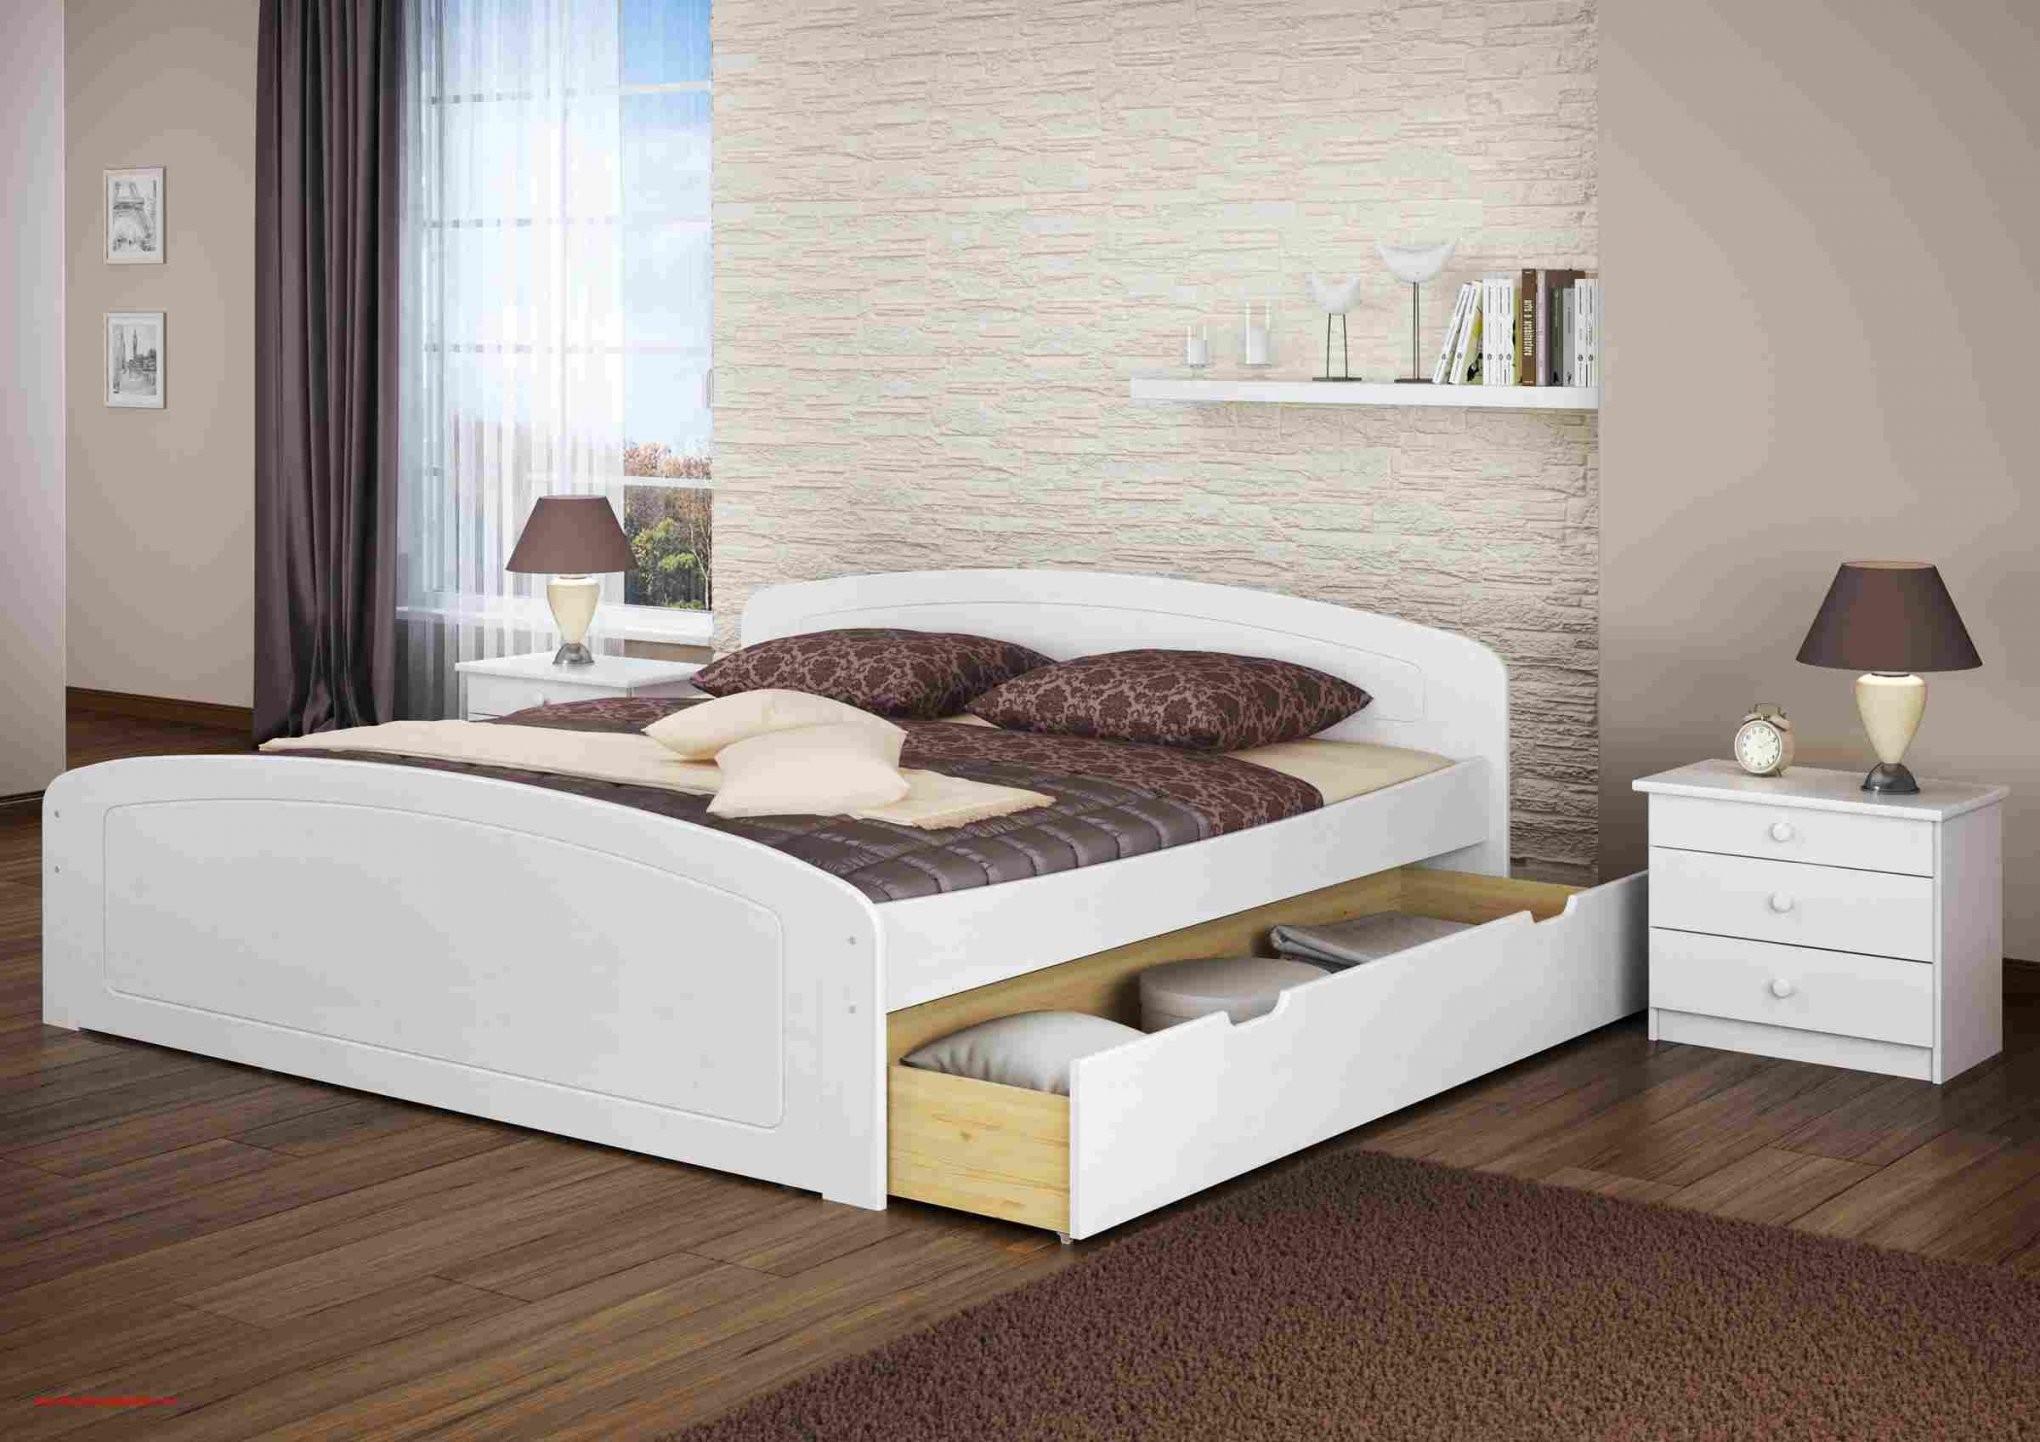 Inside Bett 200X200 Mit Matratze Und Lattenrost Awesome von Bett 200X200 Mit Matratze Und Lattenrost Bild